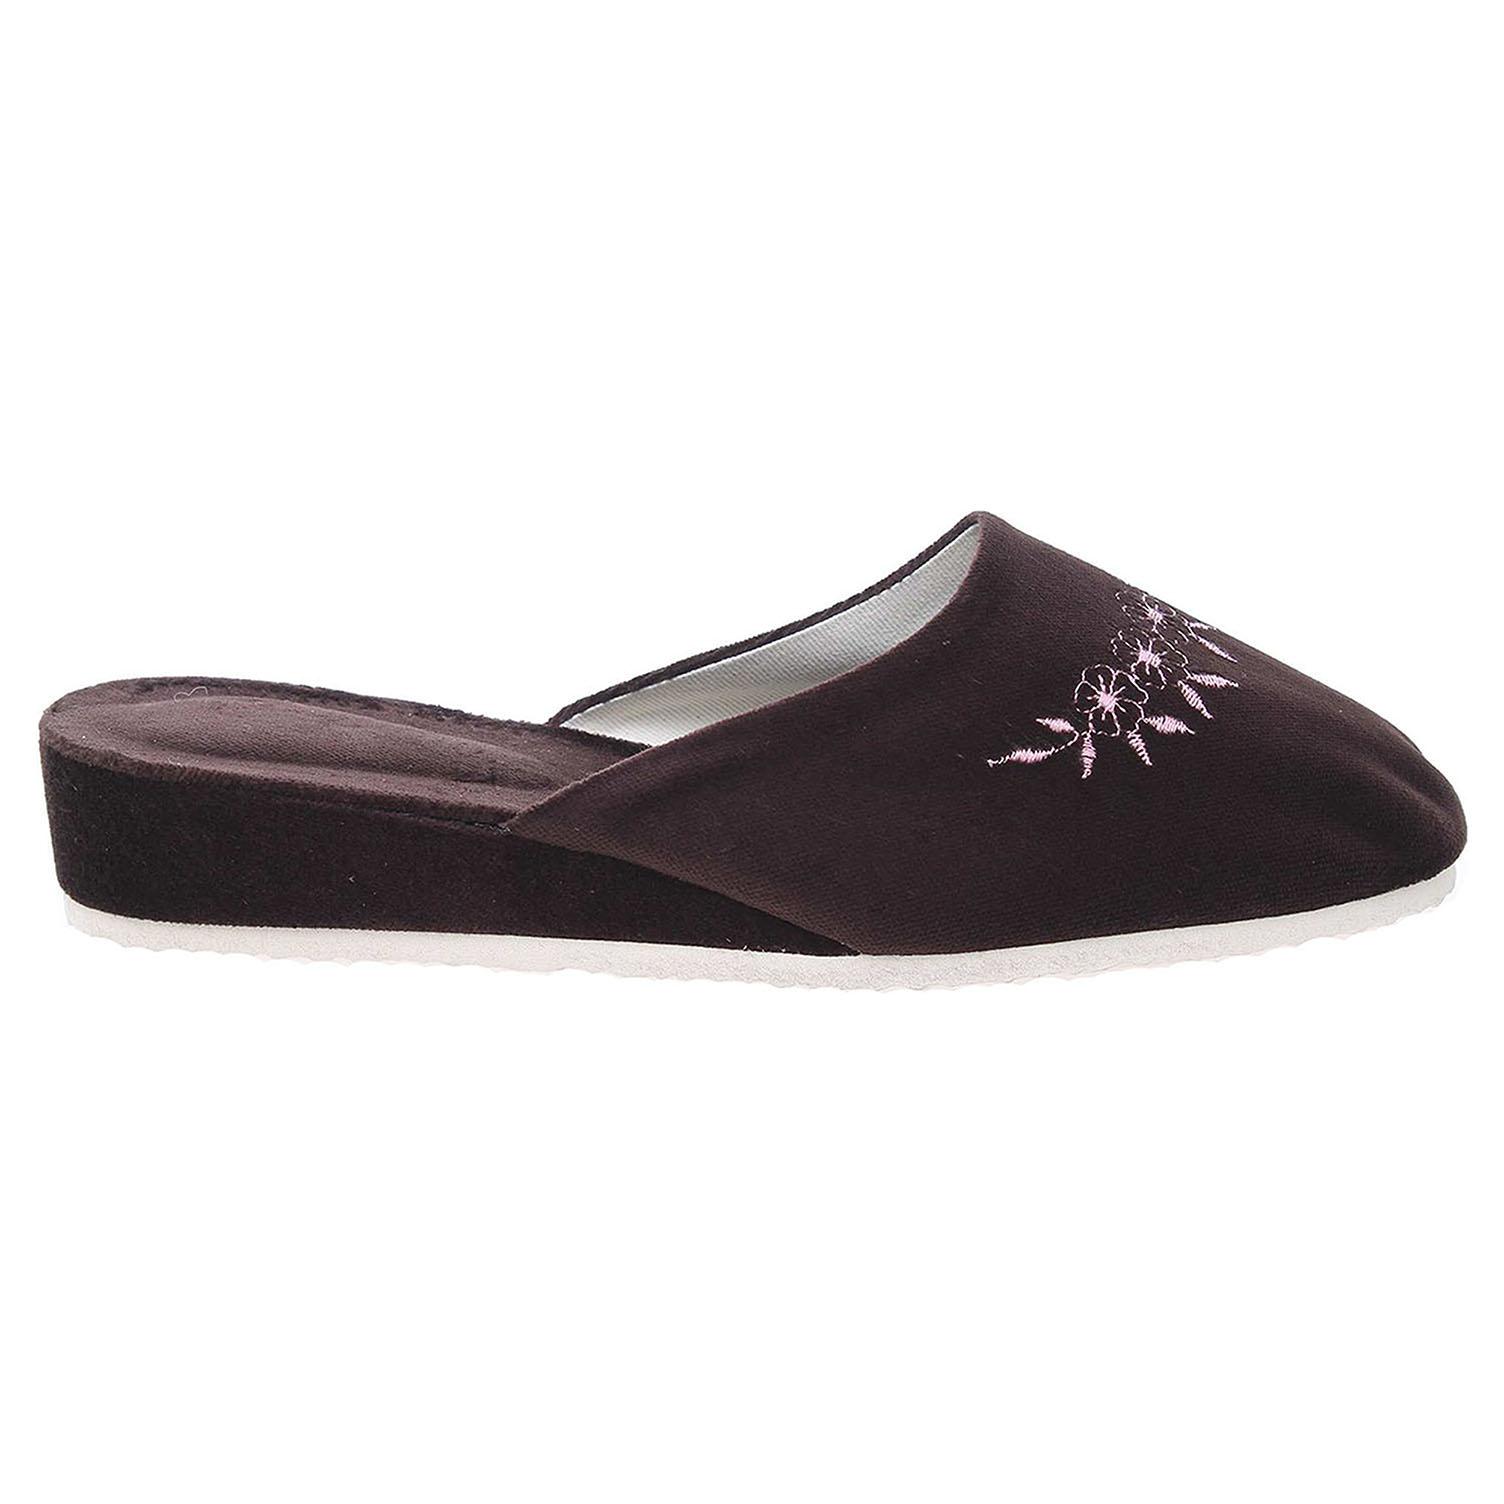 Ecco Dámské domácí pantofle 1028.00 hnědé 23500246